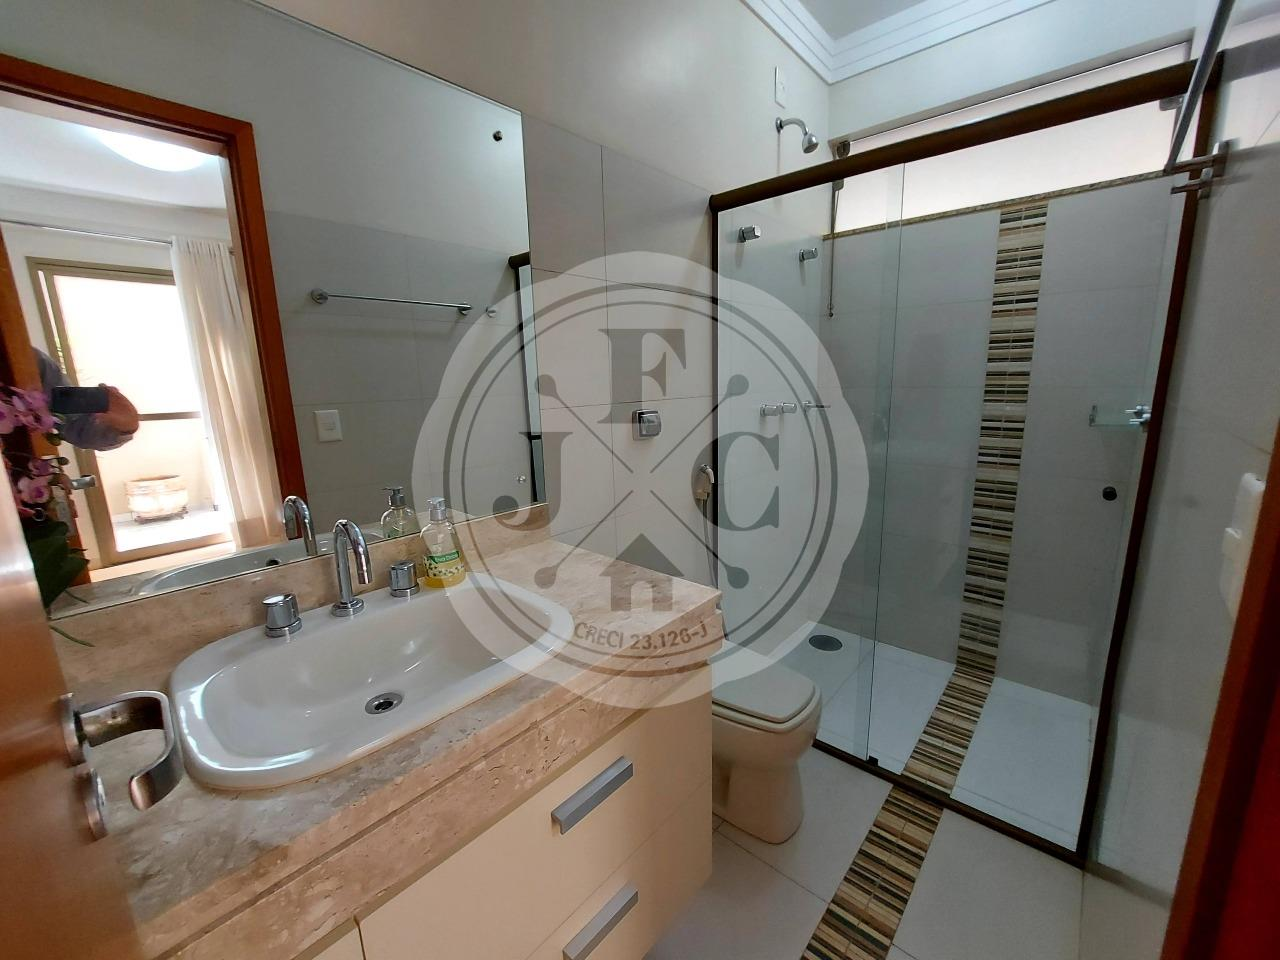 Casa em Condomínio à venda no Bosque das Juritis: Banheiro Suíte Office